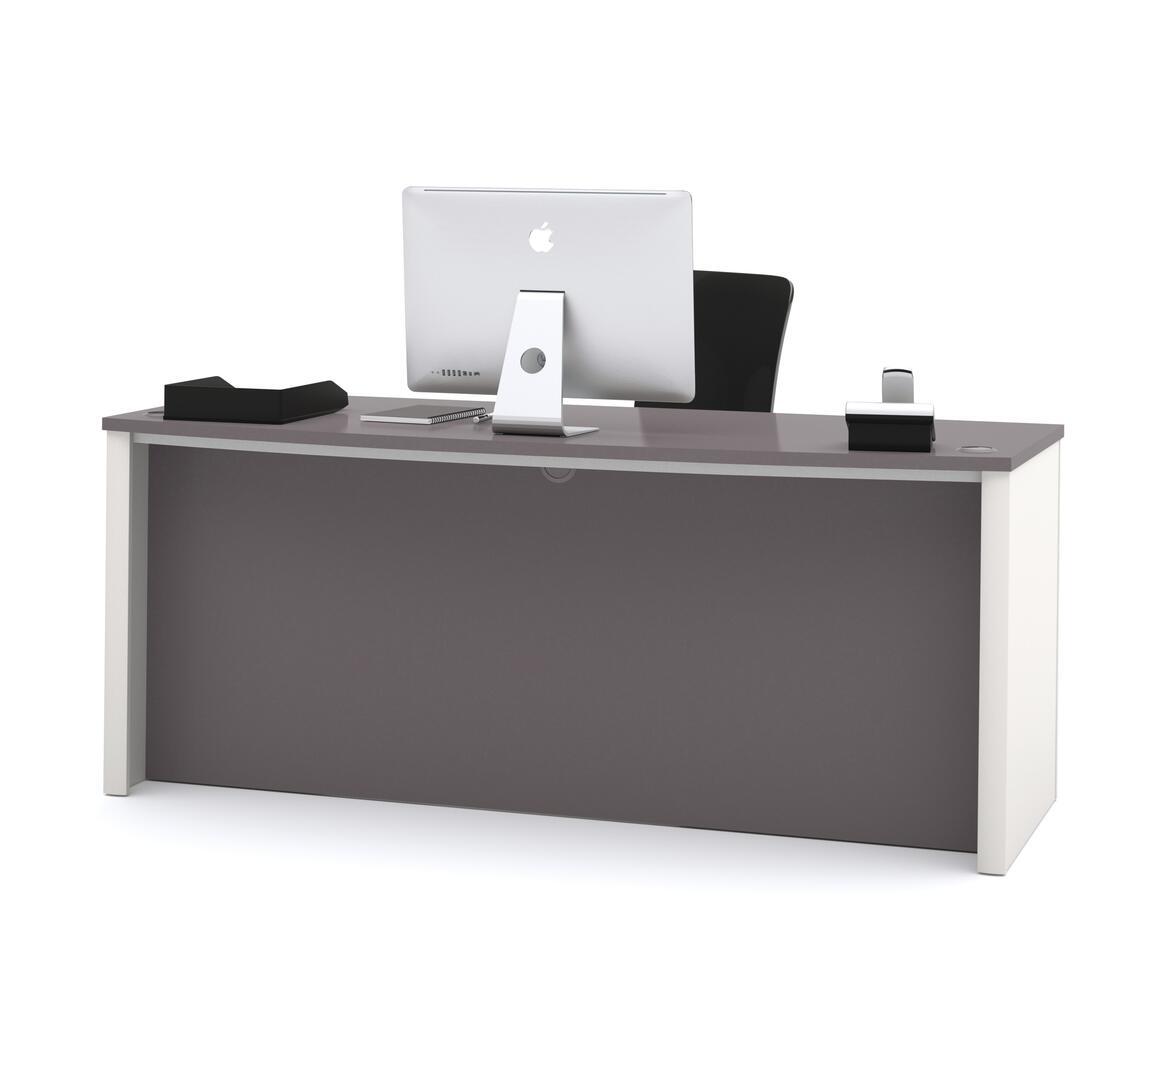 ... Bestar Furniture Connexion Image 2 ...